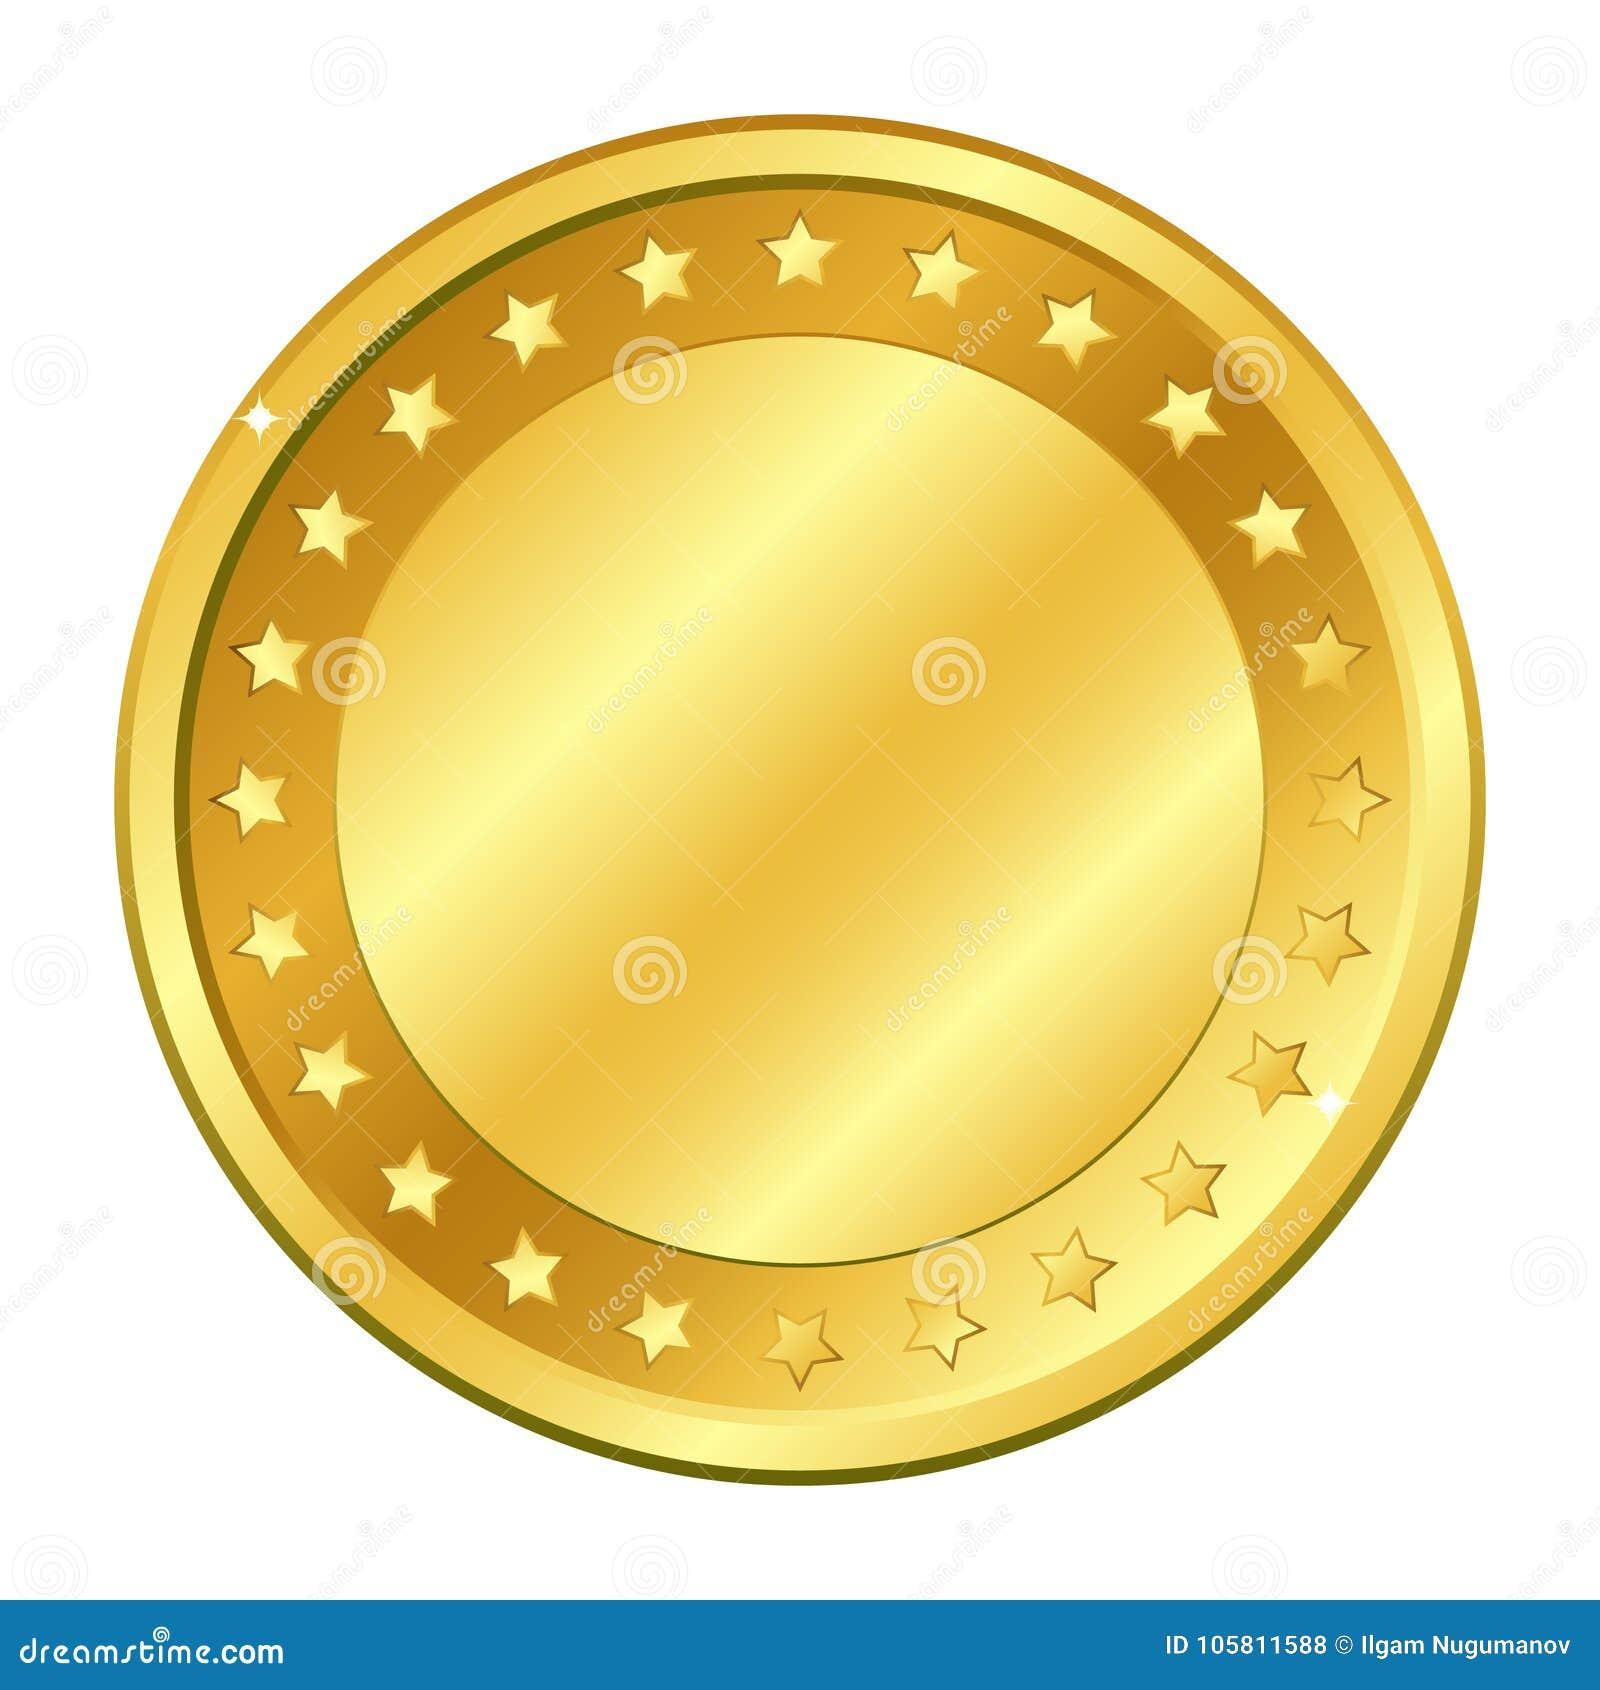 Goldmünze mit Sternen Vektorabbildung getrennt auf weißem Hintergrund Editable Elemente und greller Glanz